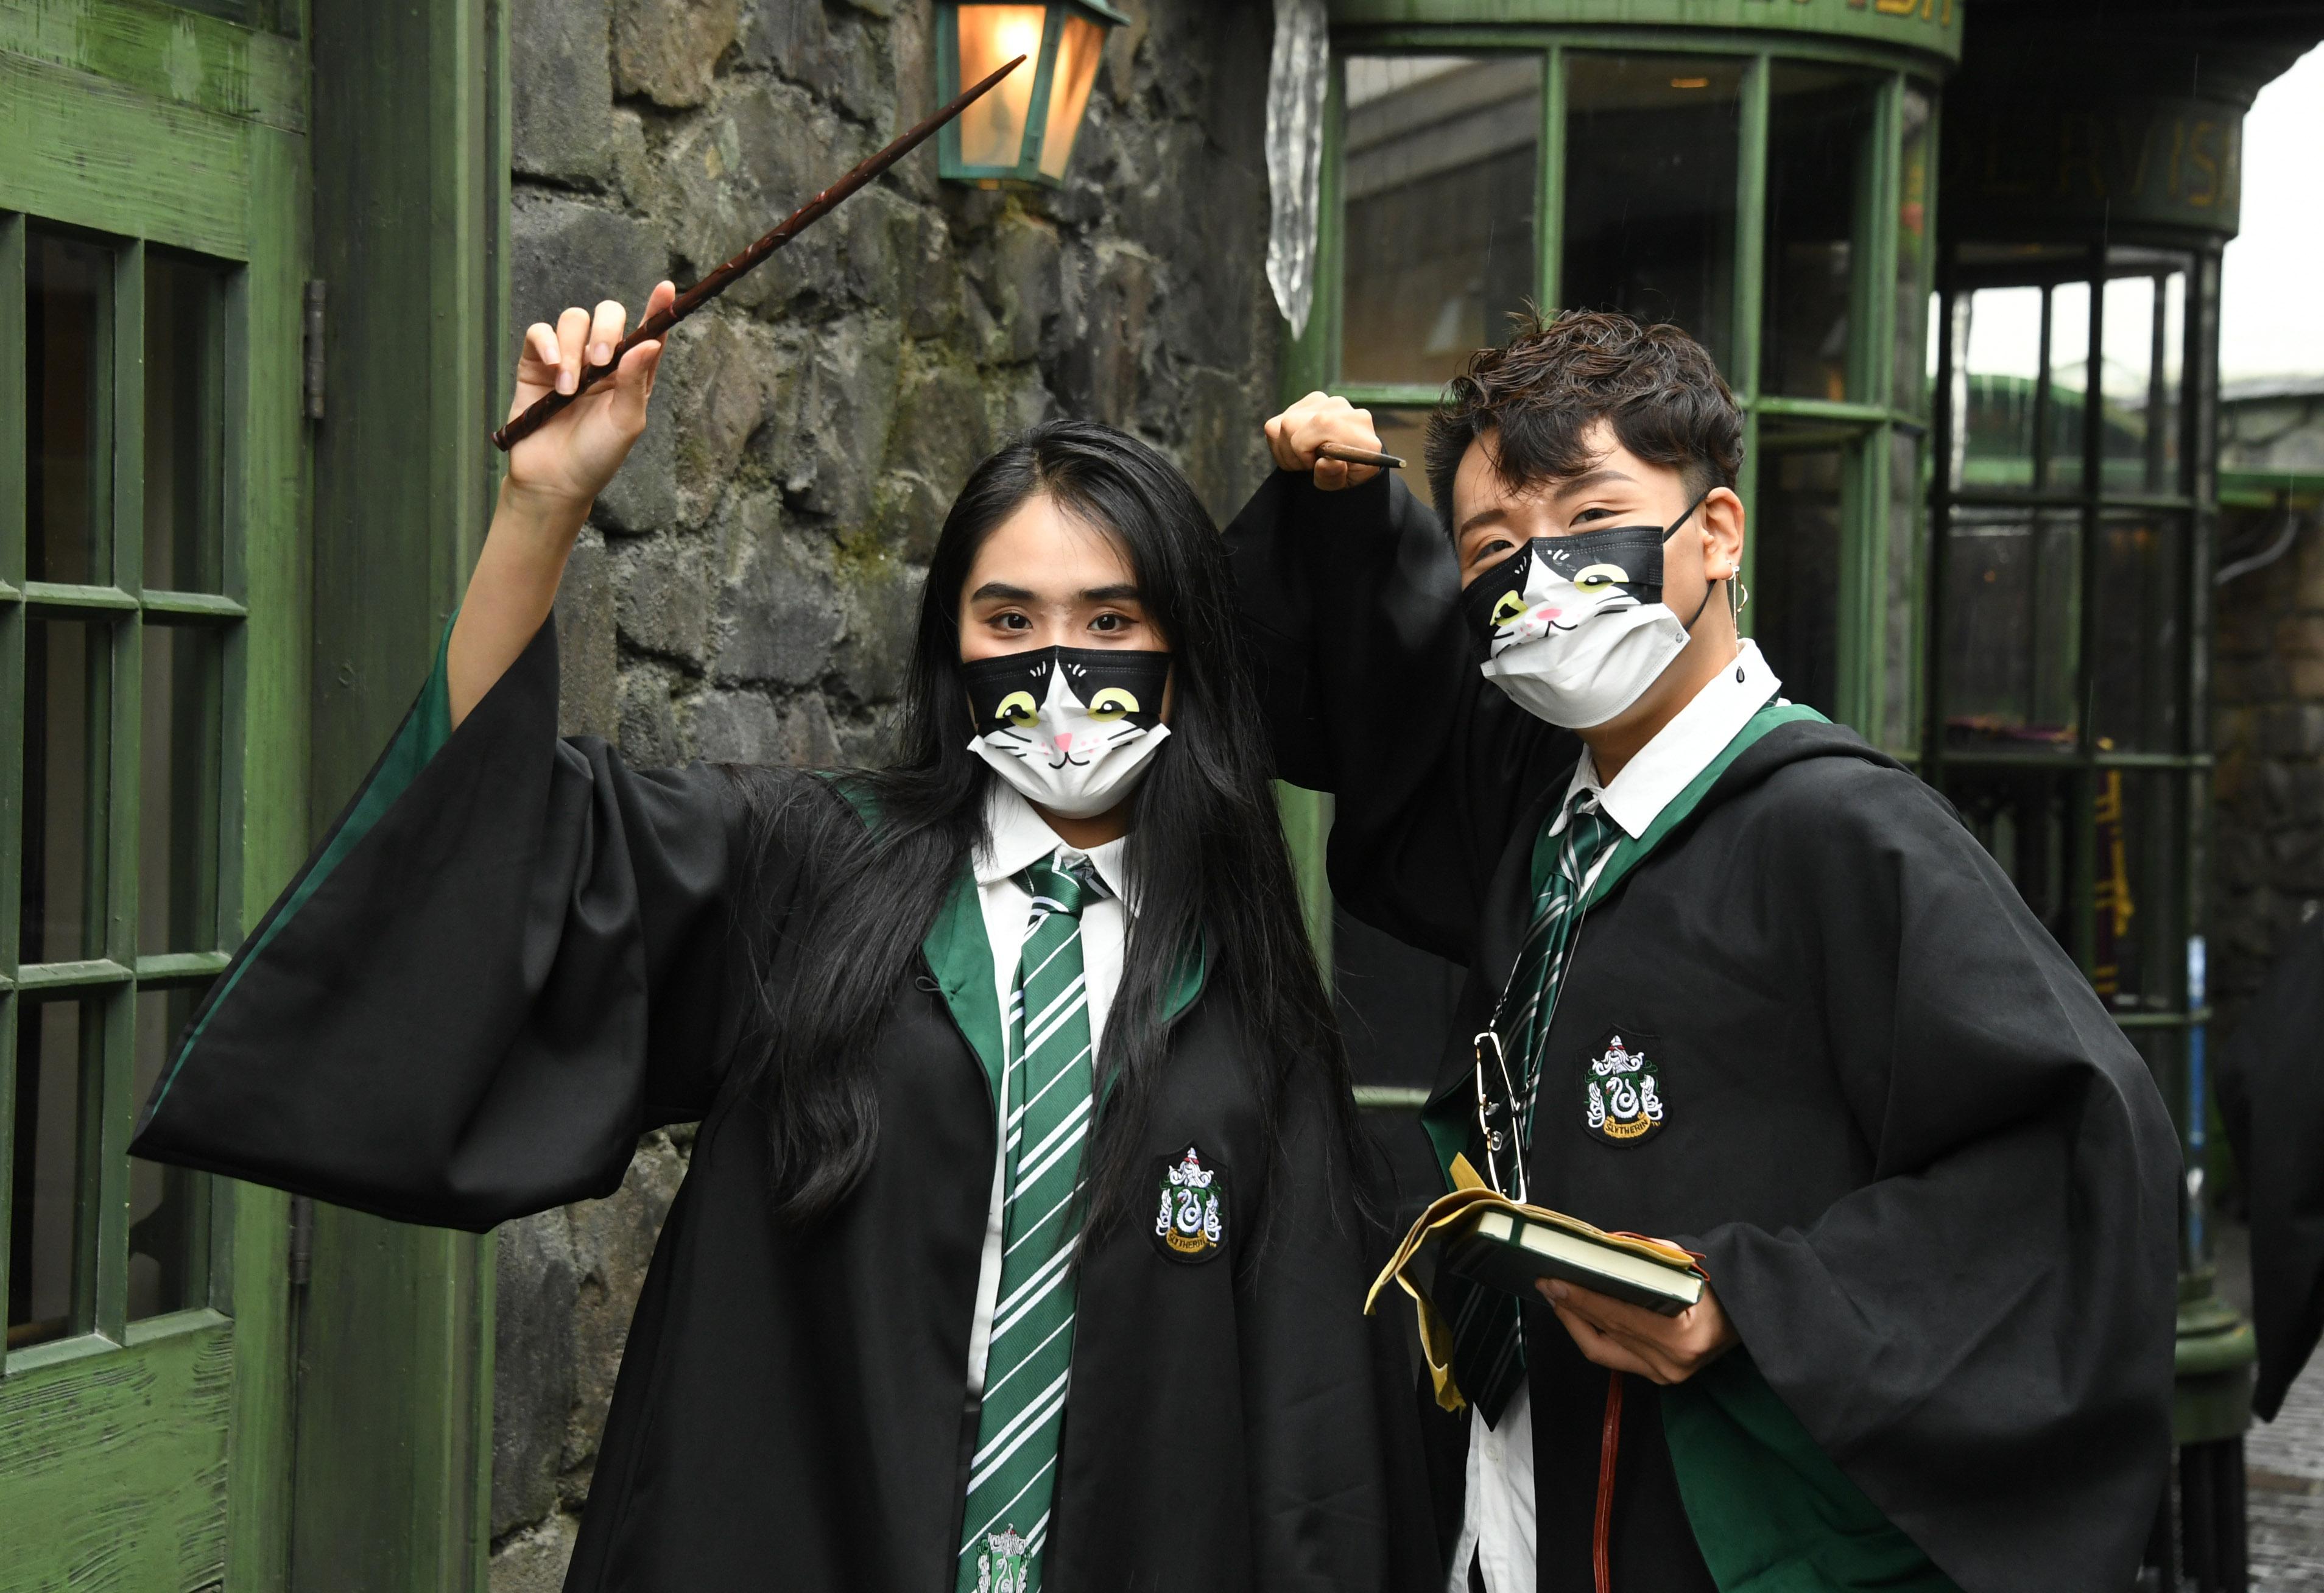 不少「哈利波特」粉丝在环球影城荷包失血,买巫师袍和魔杖、领带、徽章等商品,花费超过1万元。新华社(photo:AppleDaily)